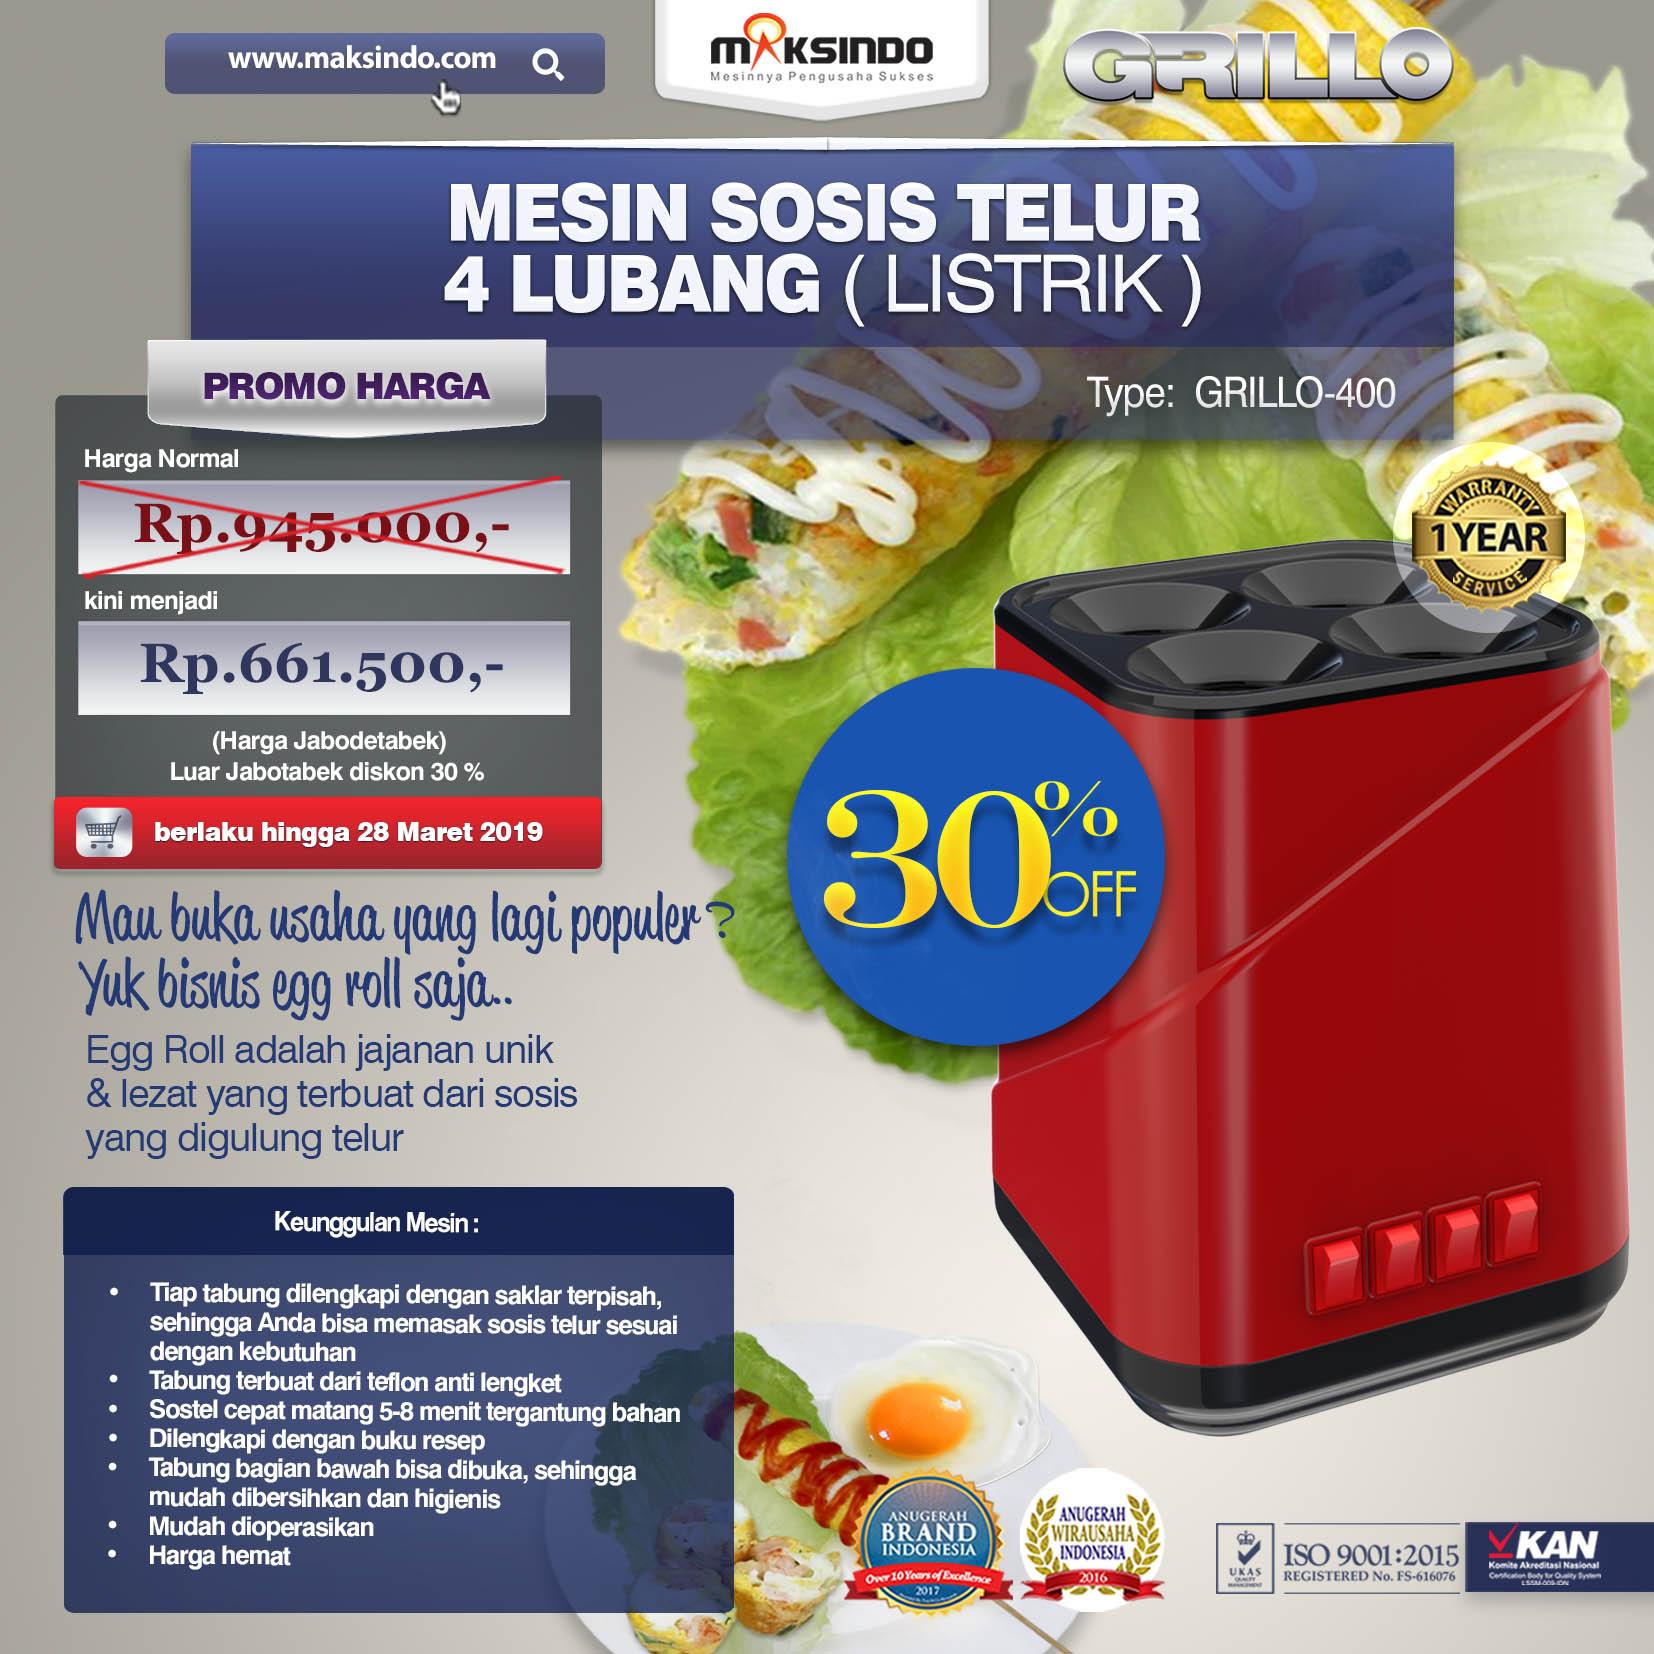 Grillo-400 MESIN SOSIS TELUR 4 LUBANG ( Egg Roll ) single